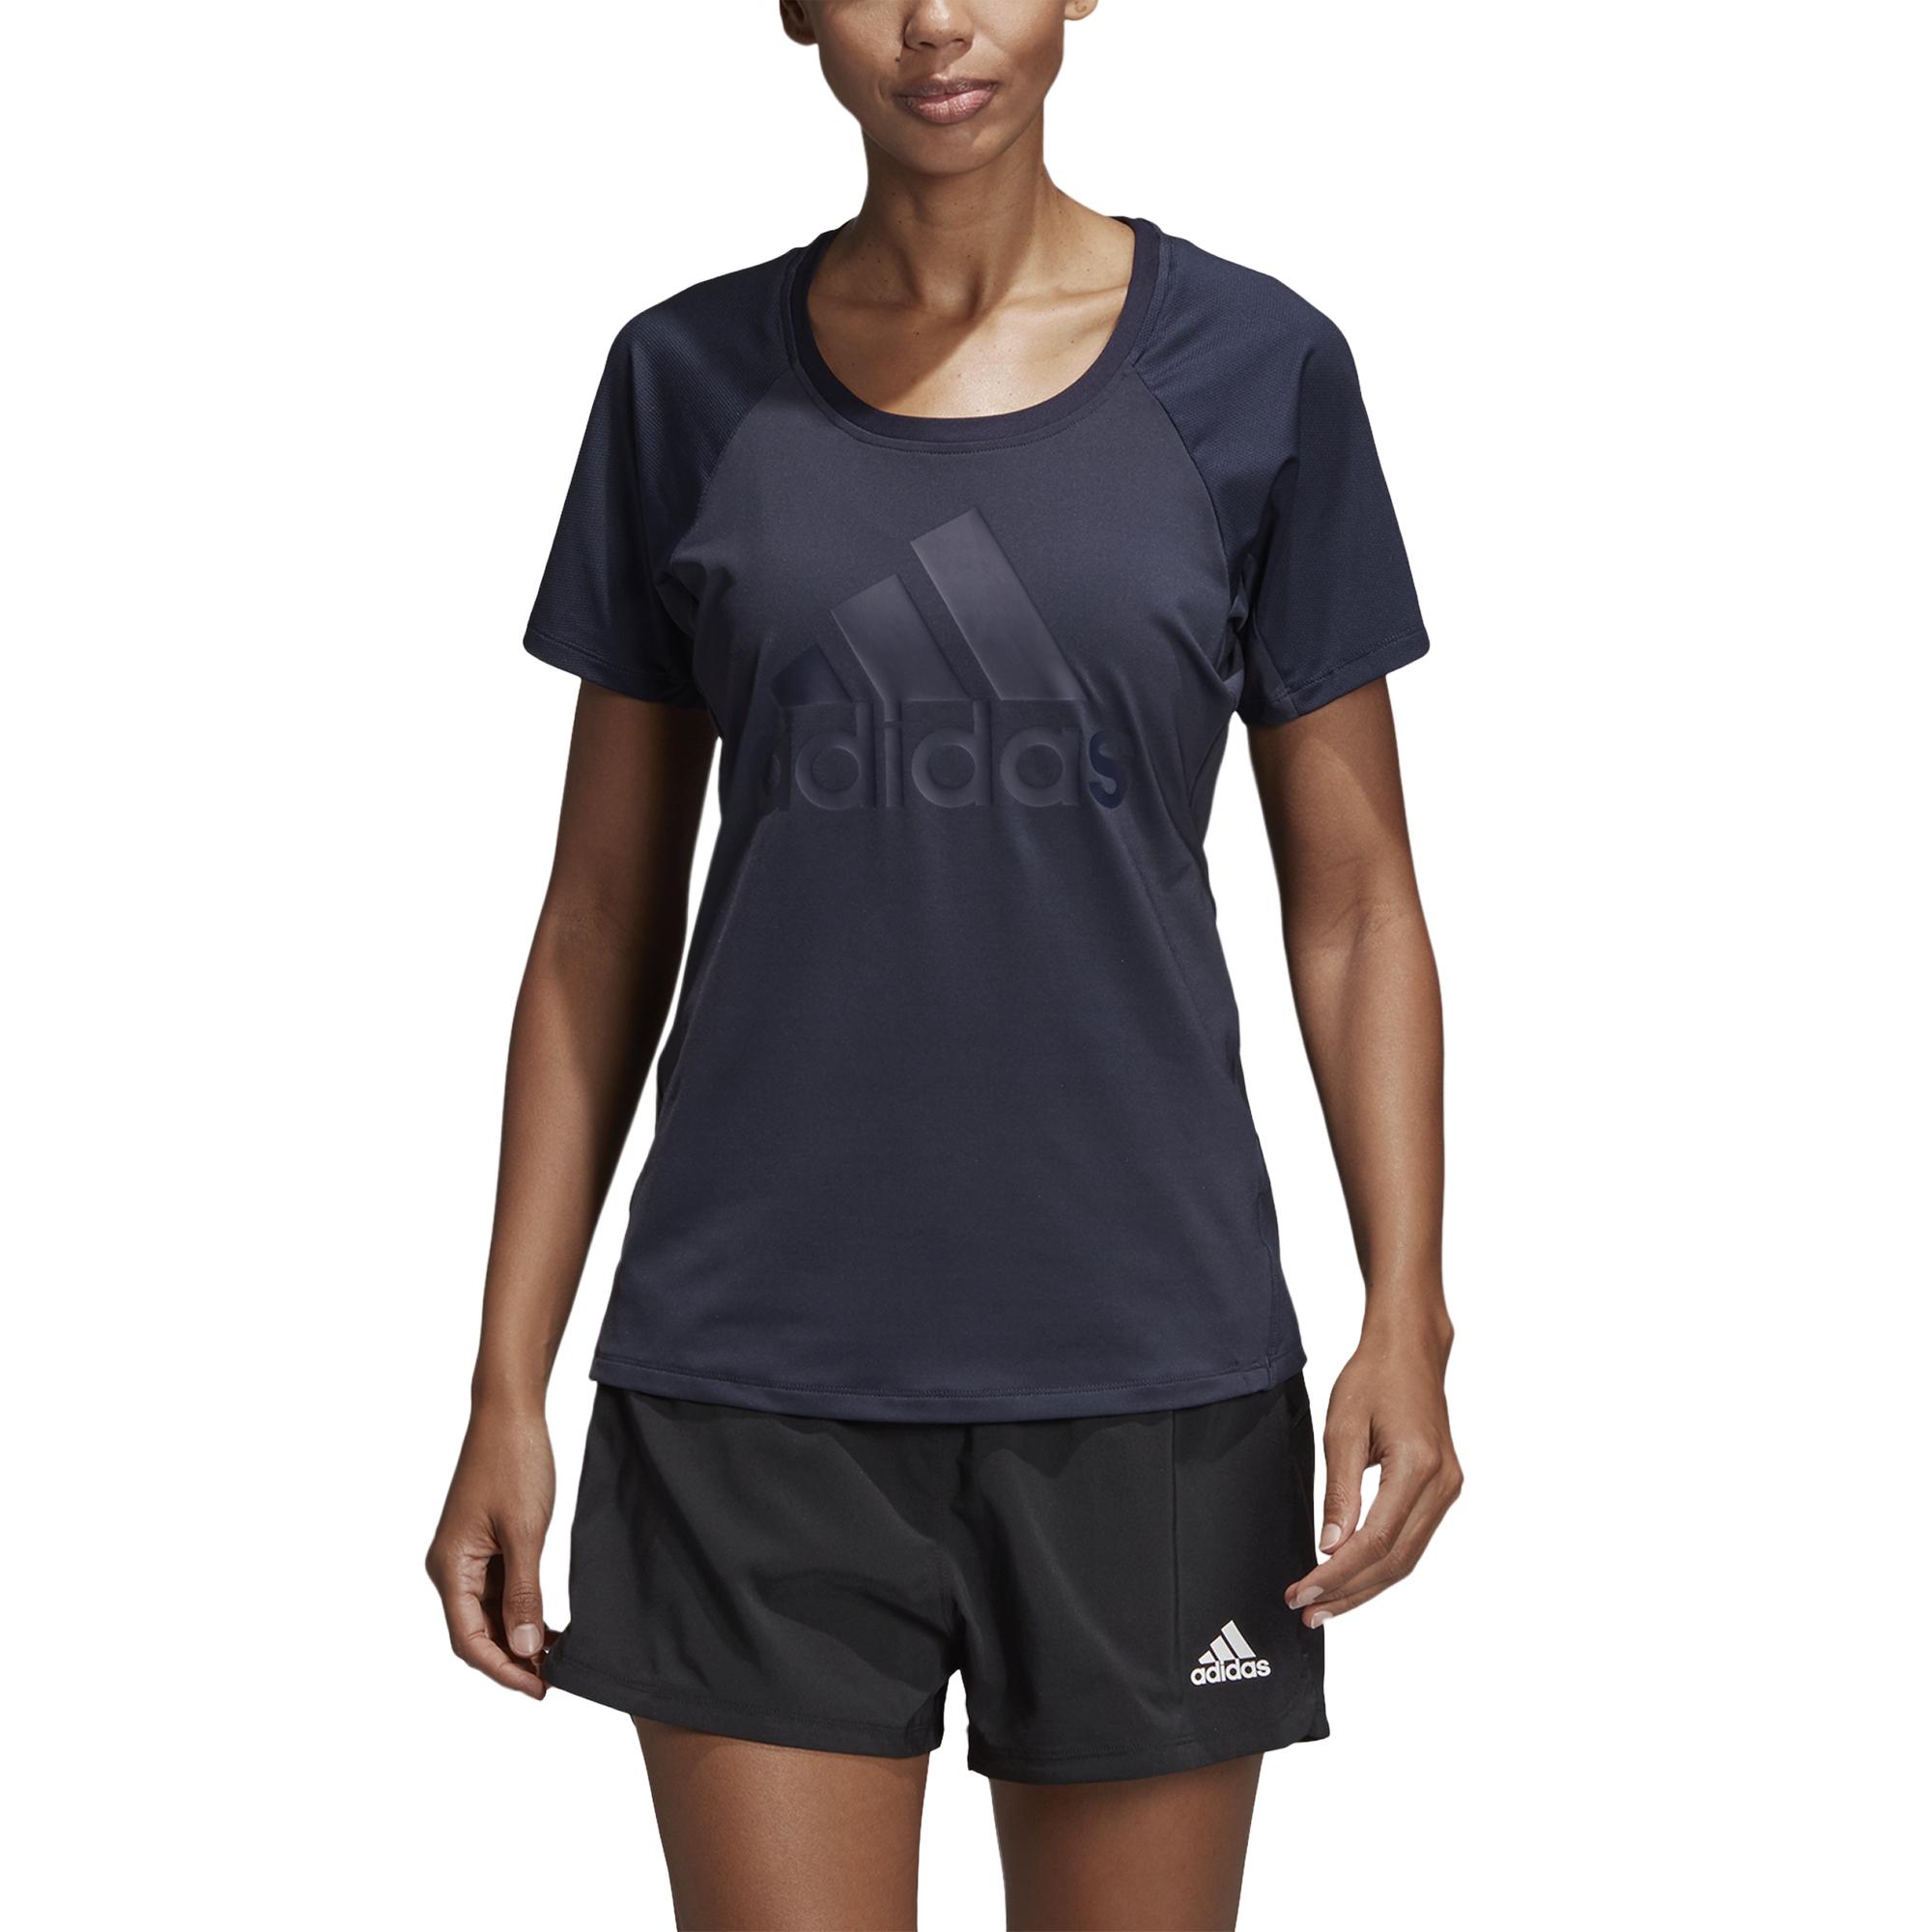 plus récent e05a7 bb598 T-shirt femme adidas